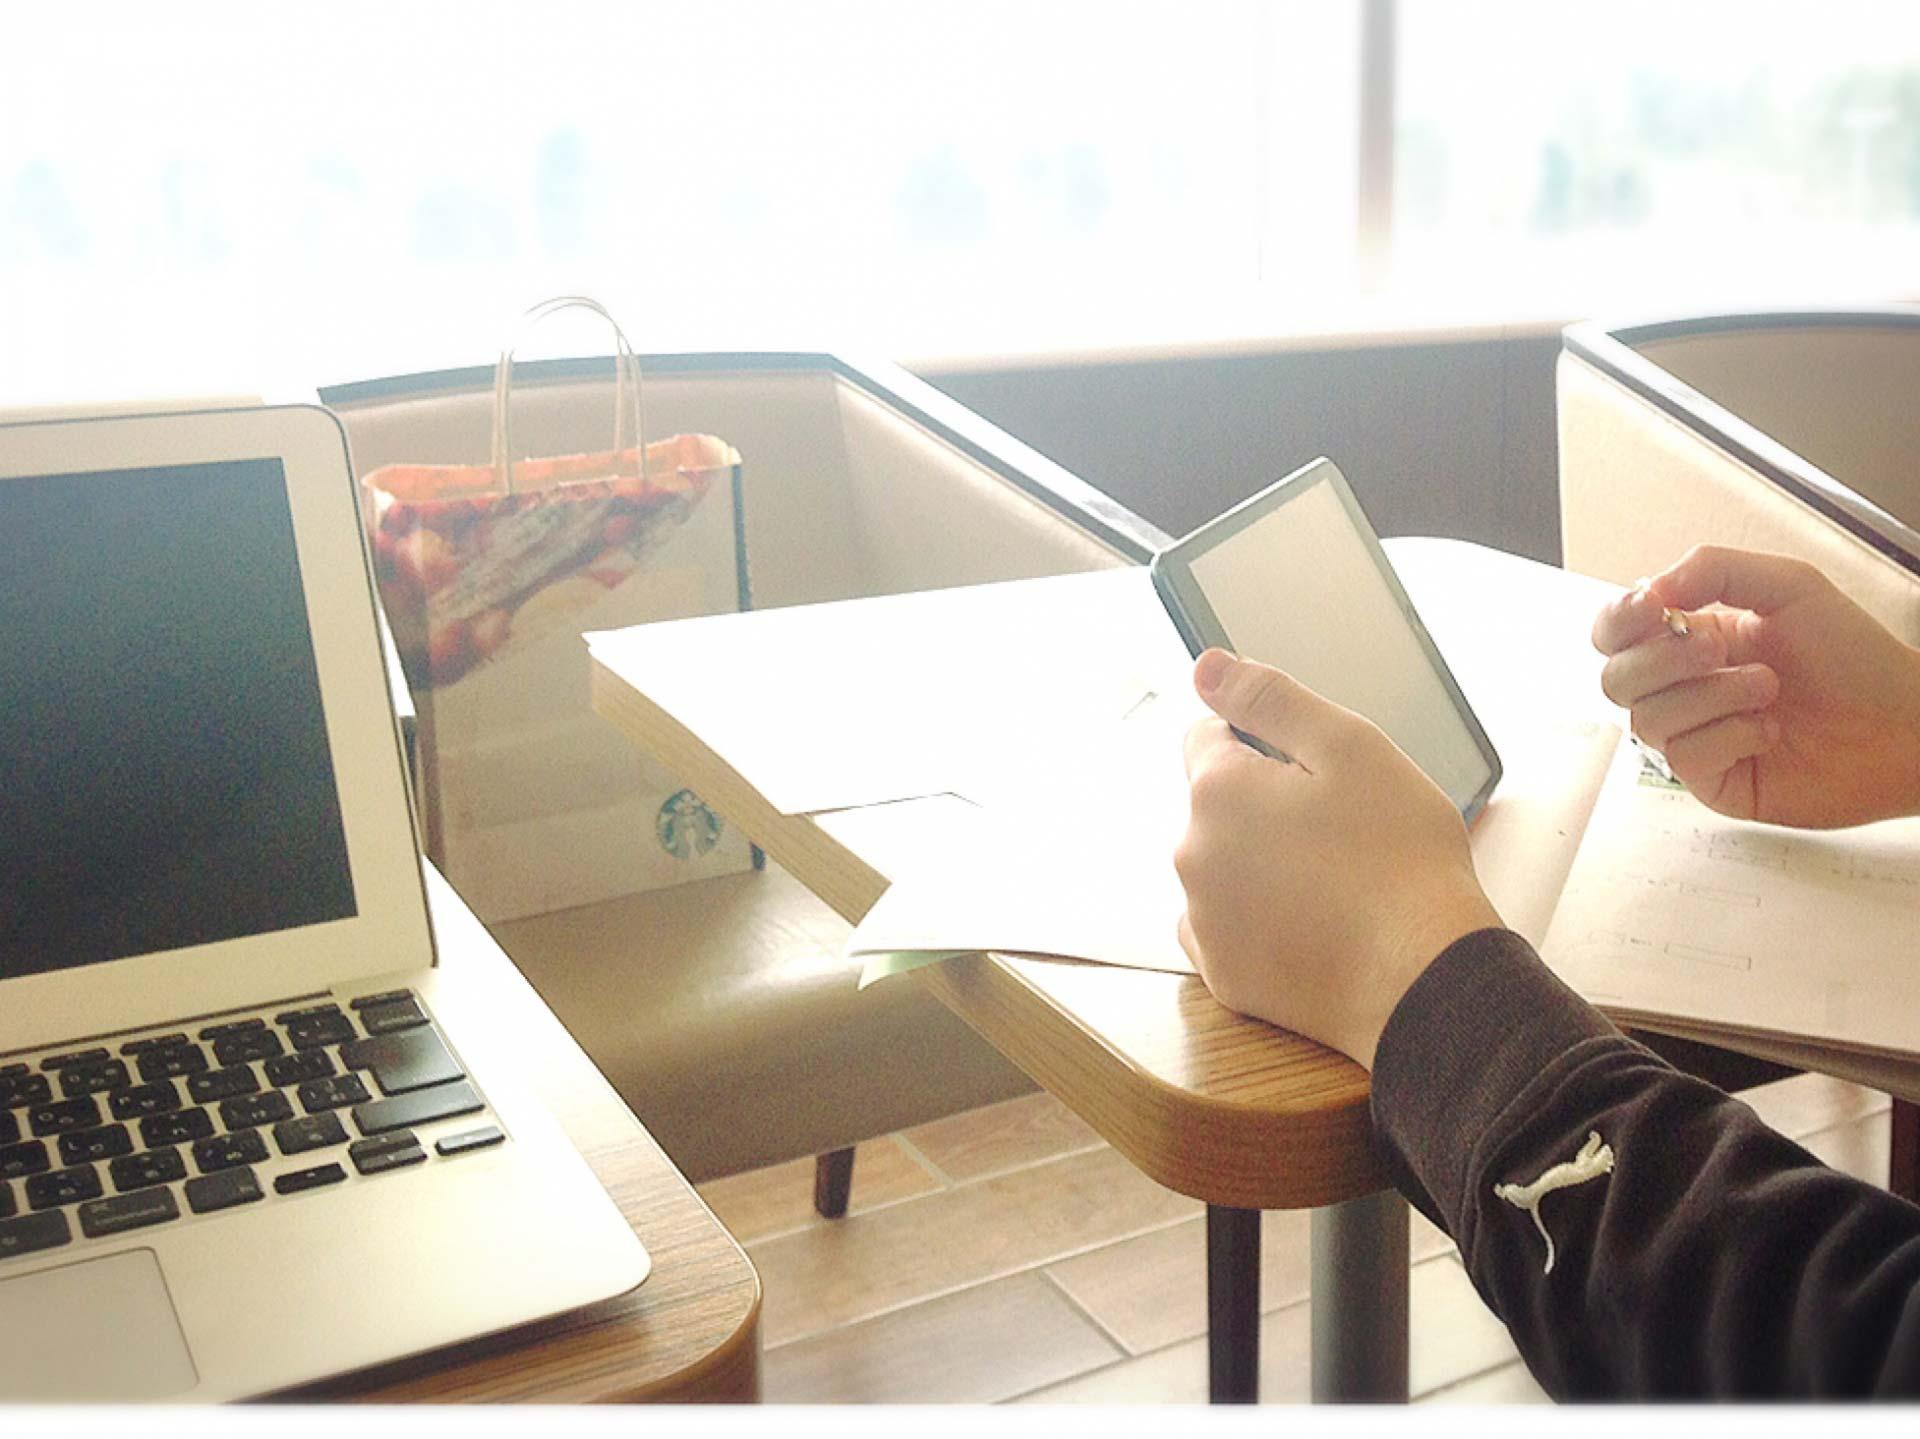 タブレットを見ながらノートに筆記する手元の画像